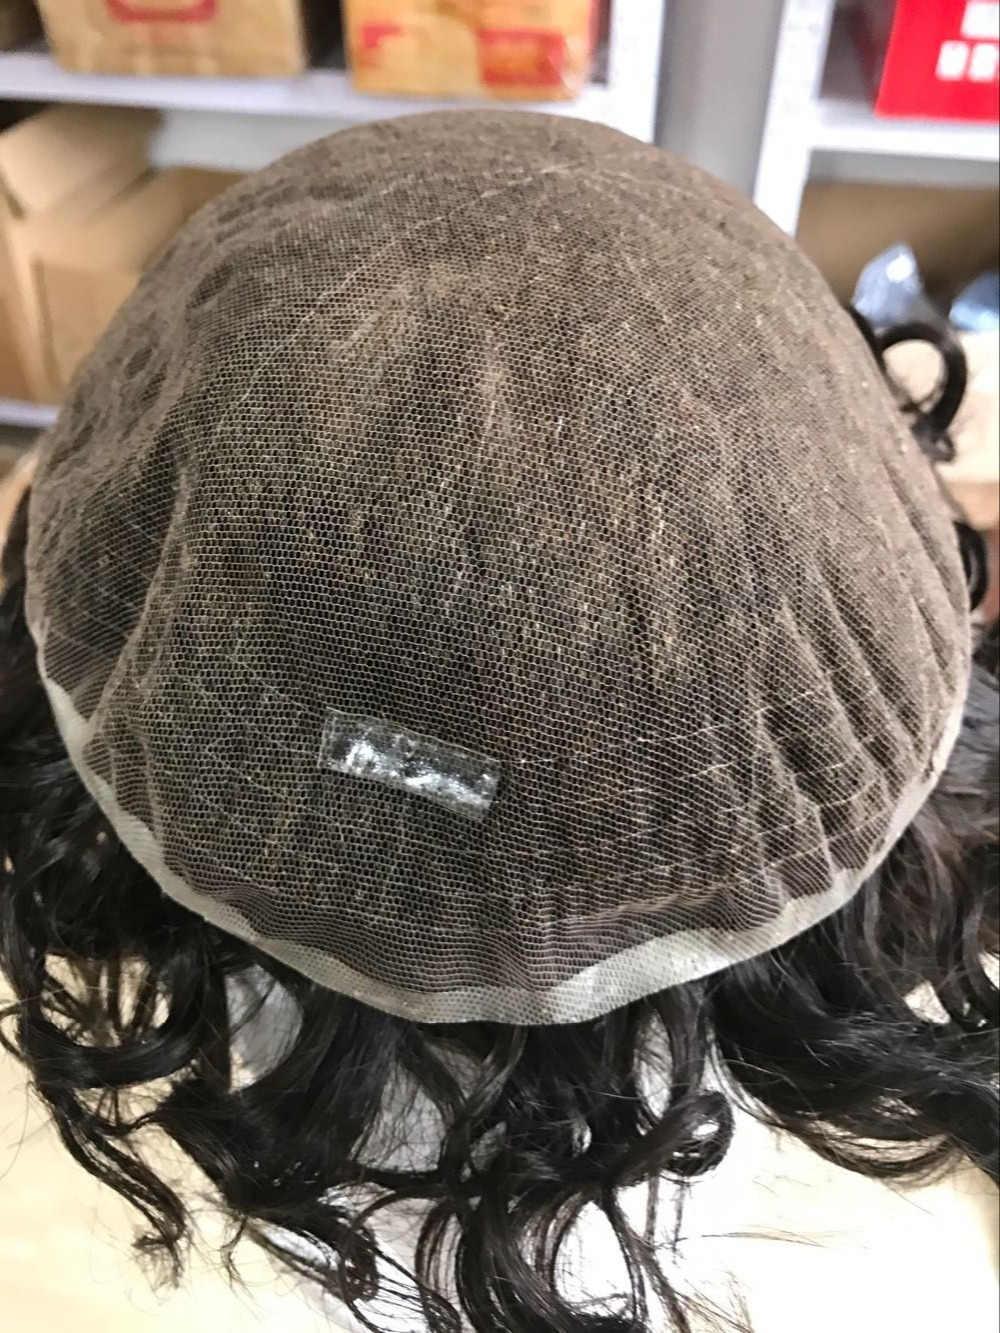 100% французский кружевной парик человеческих волос для мужчин 2,5 см волна, системы замещения волос, мужской накладки из искусственных волос, украшение для волос Бесплатная доставка